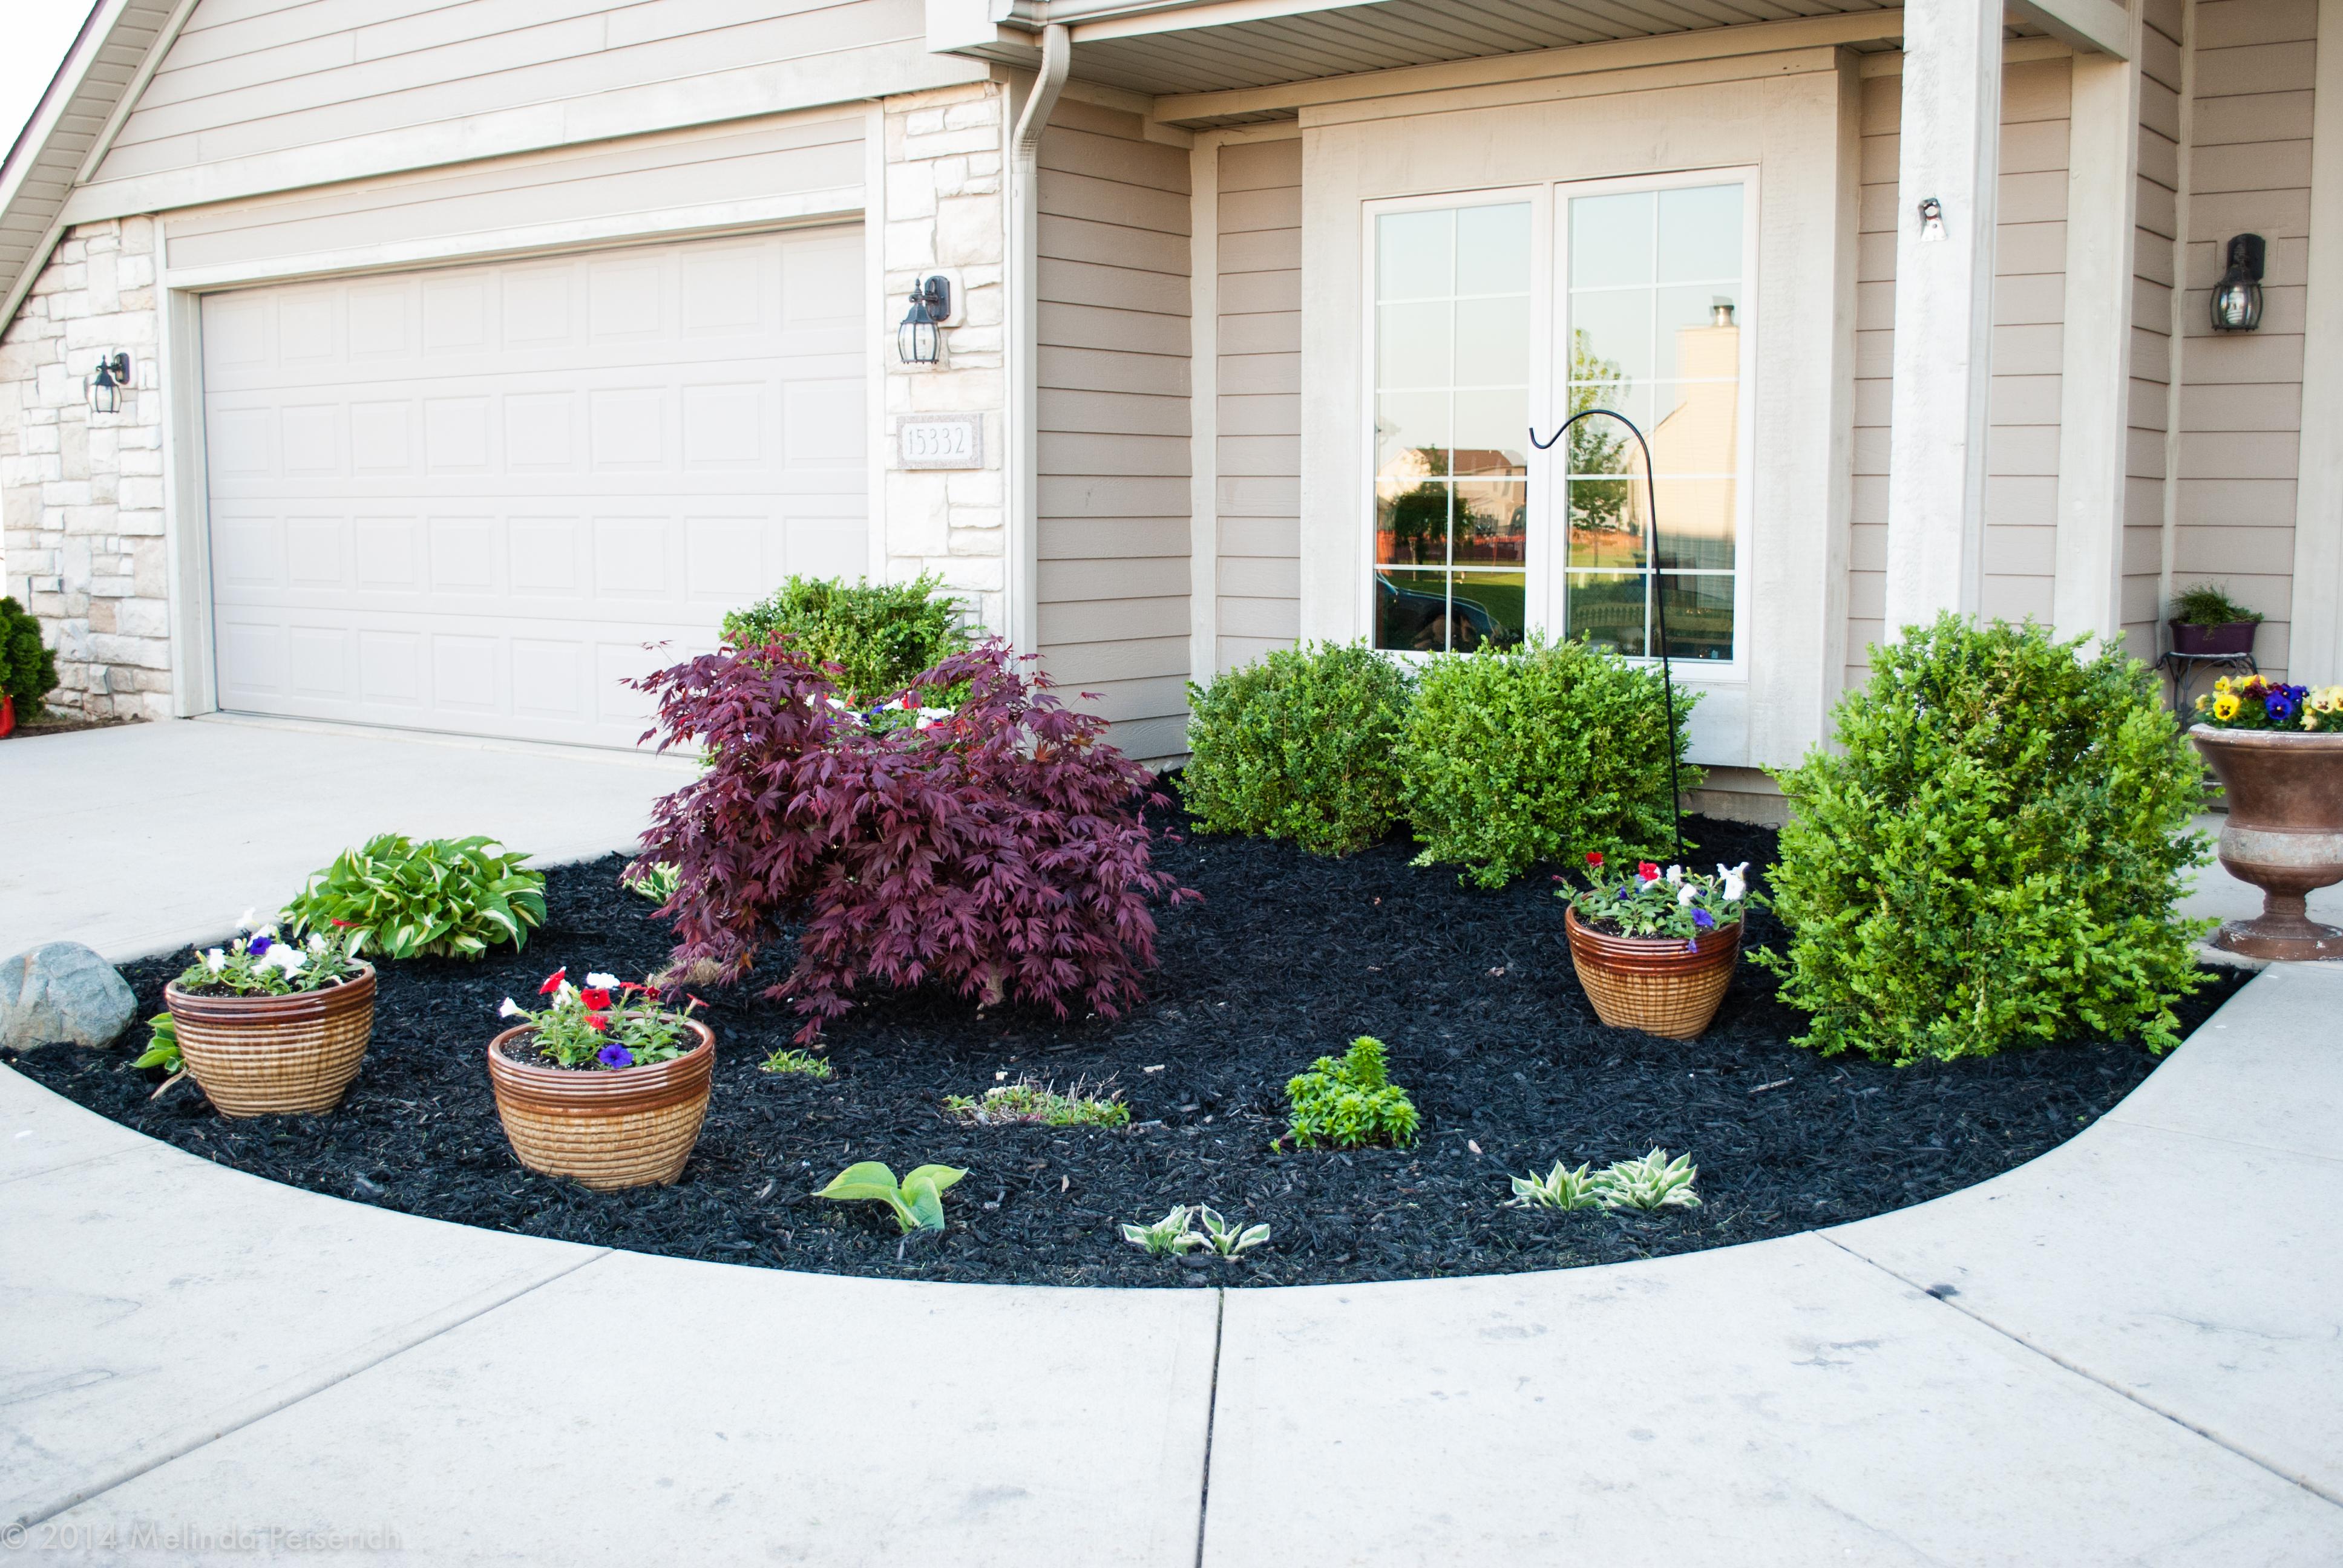 Spring flowers doodlebug blogs for Best plants for front flower bed